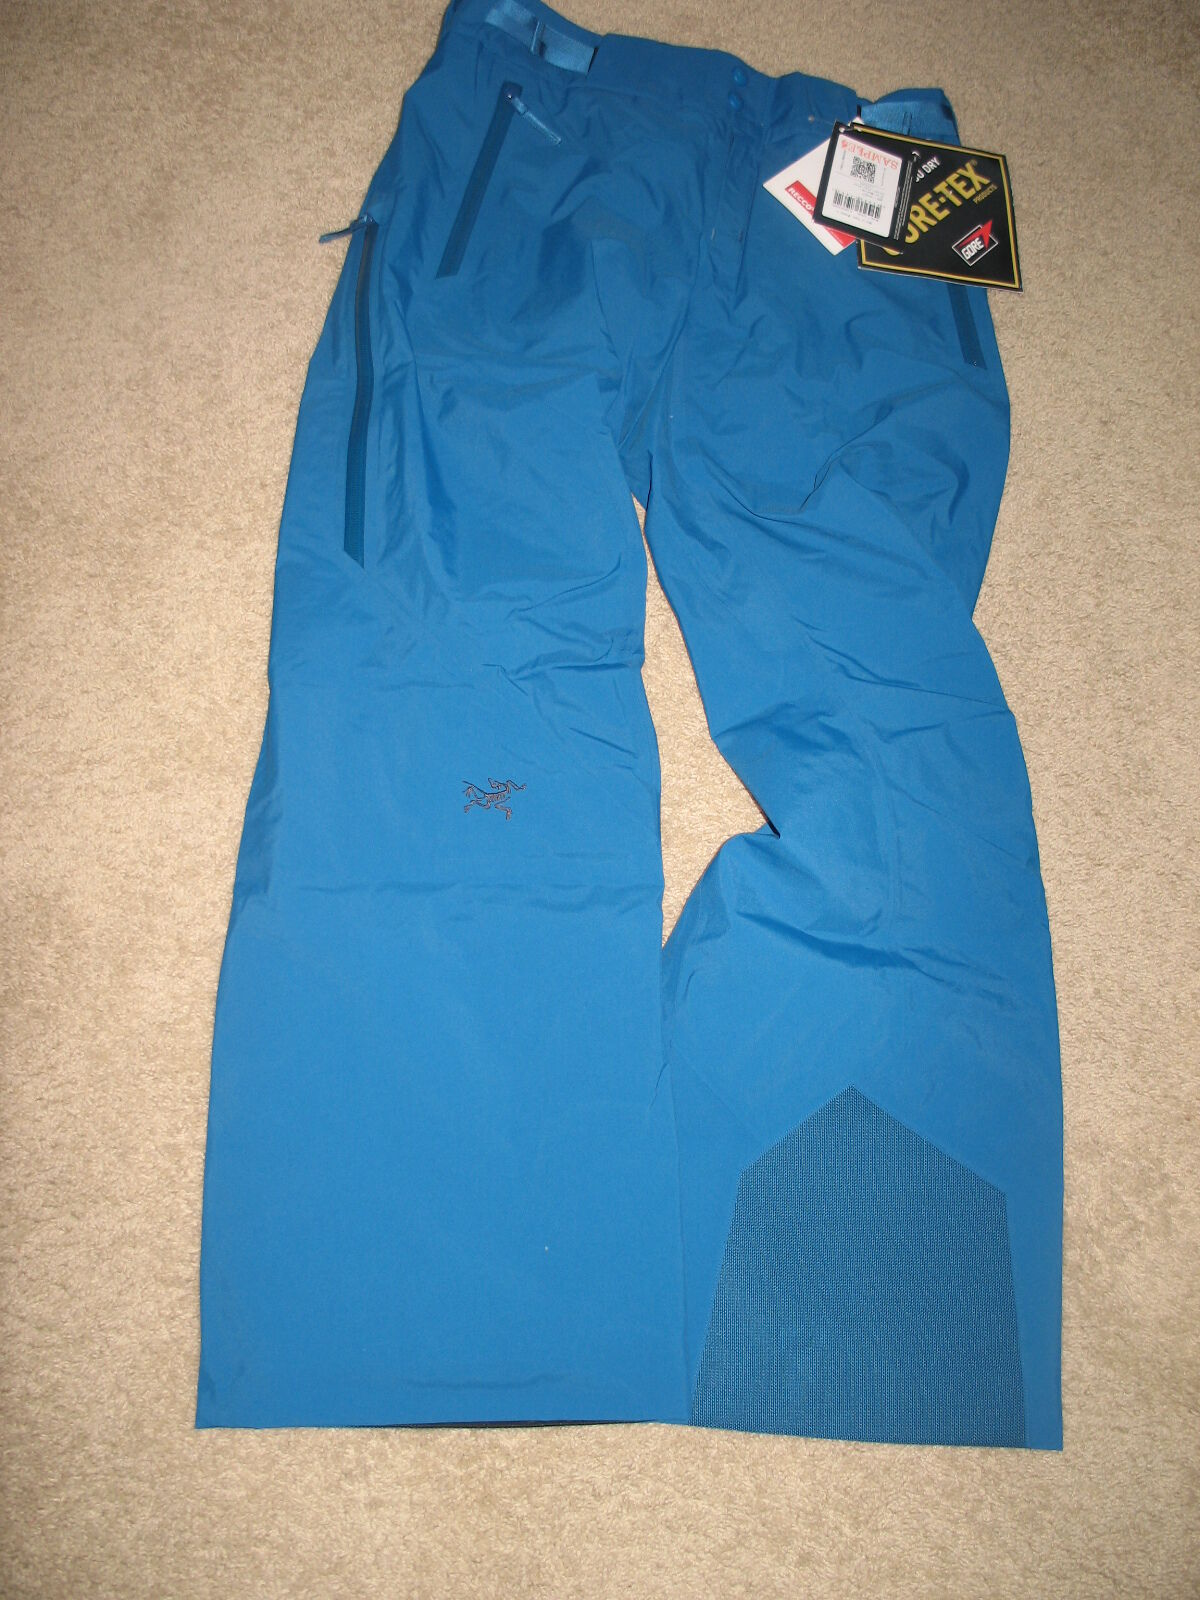 Arc'teryx Morra Gore-Tex Ski Pants  Insulated For damen.Größe M.Farbe Blau.NWT.